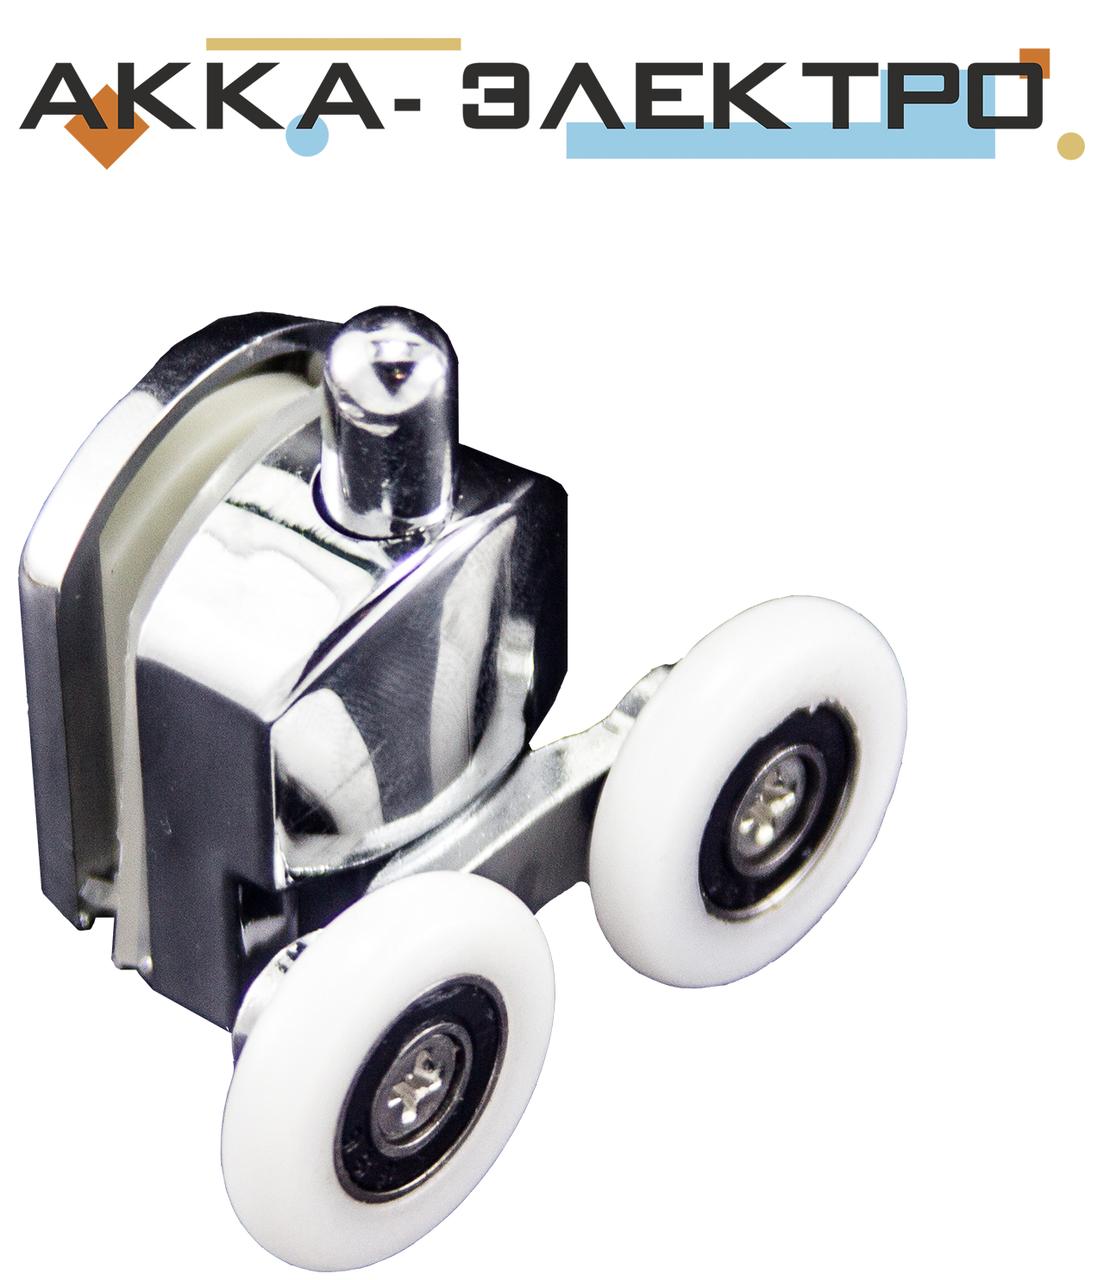 Ролик душової кабіни подвійний, хромований, нажимной ( M-02 З ) 19 мм